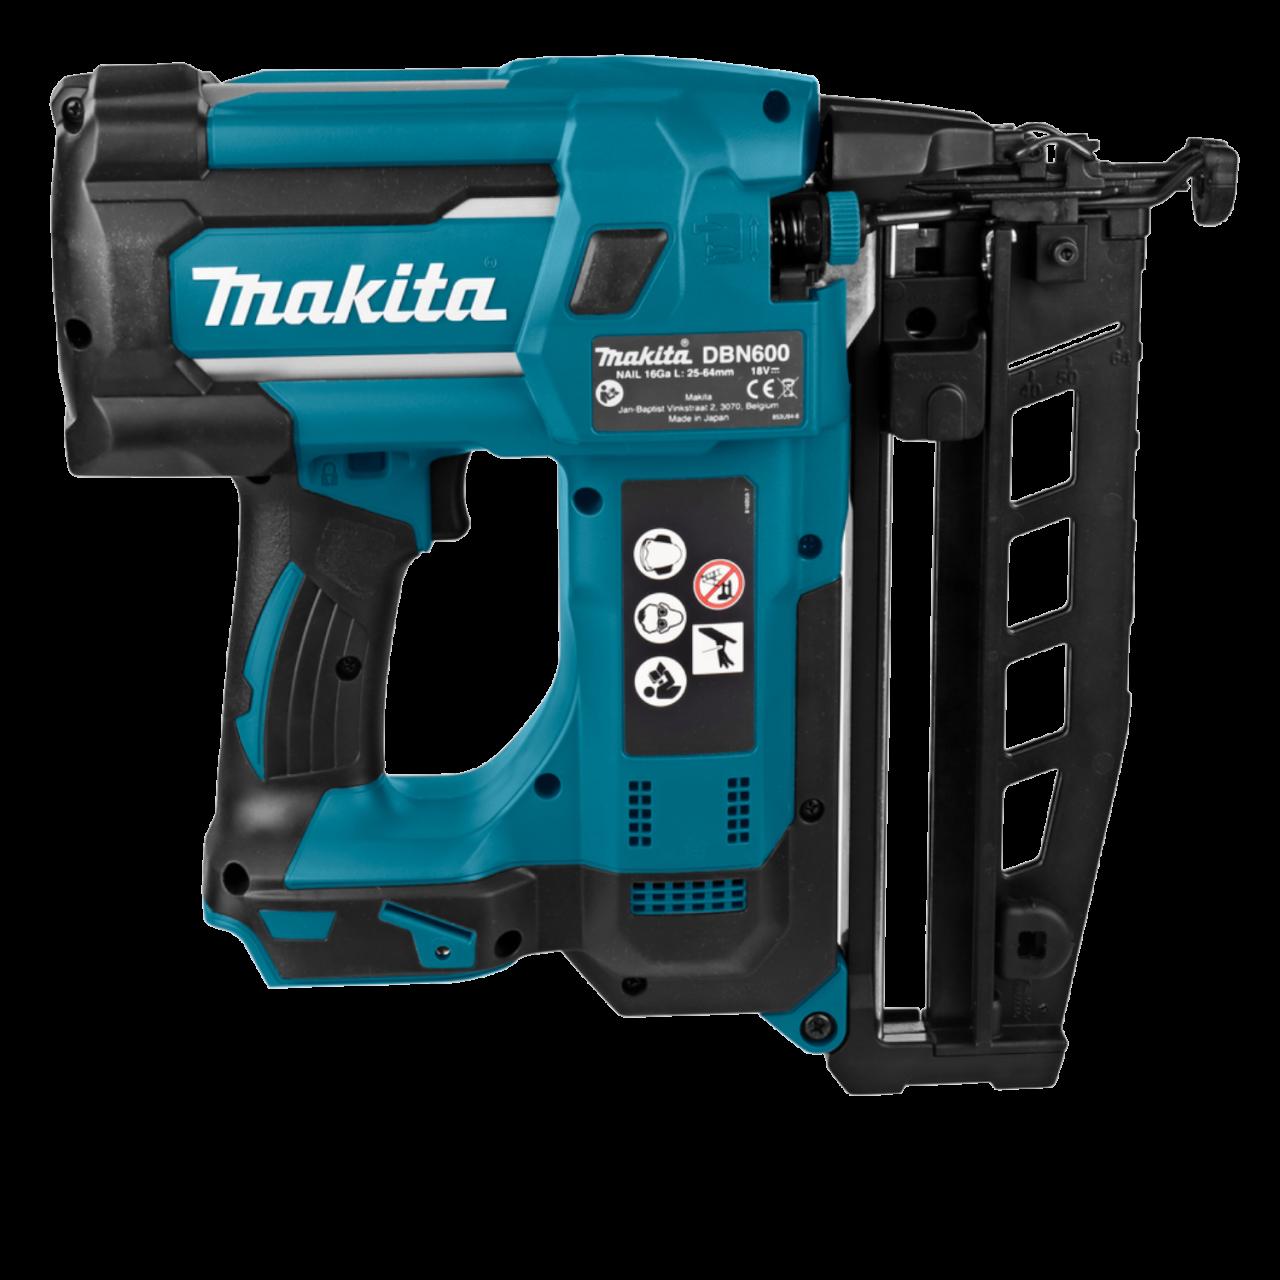 Makita DBN600RTJ Akku-Stauchkopfnagler 18V, 25-64 mm inkl. 2 x Akku, Ladegerät, MAKPAC Gr. 4 inkl. E